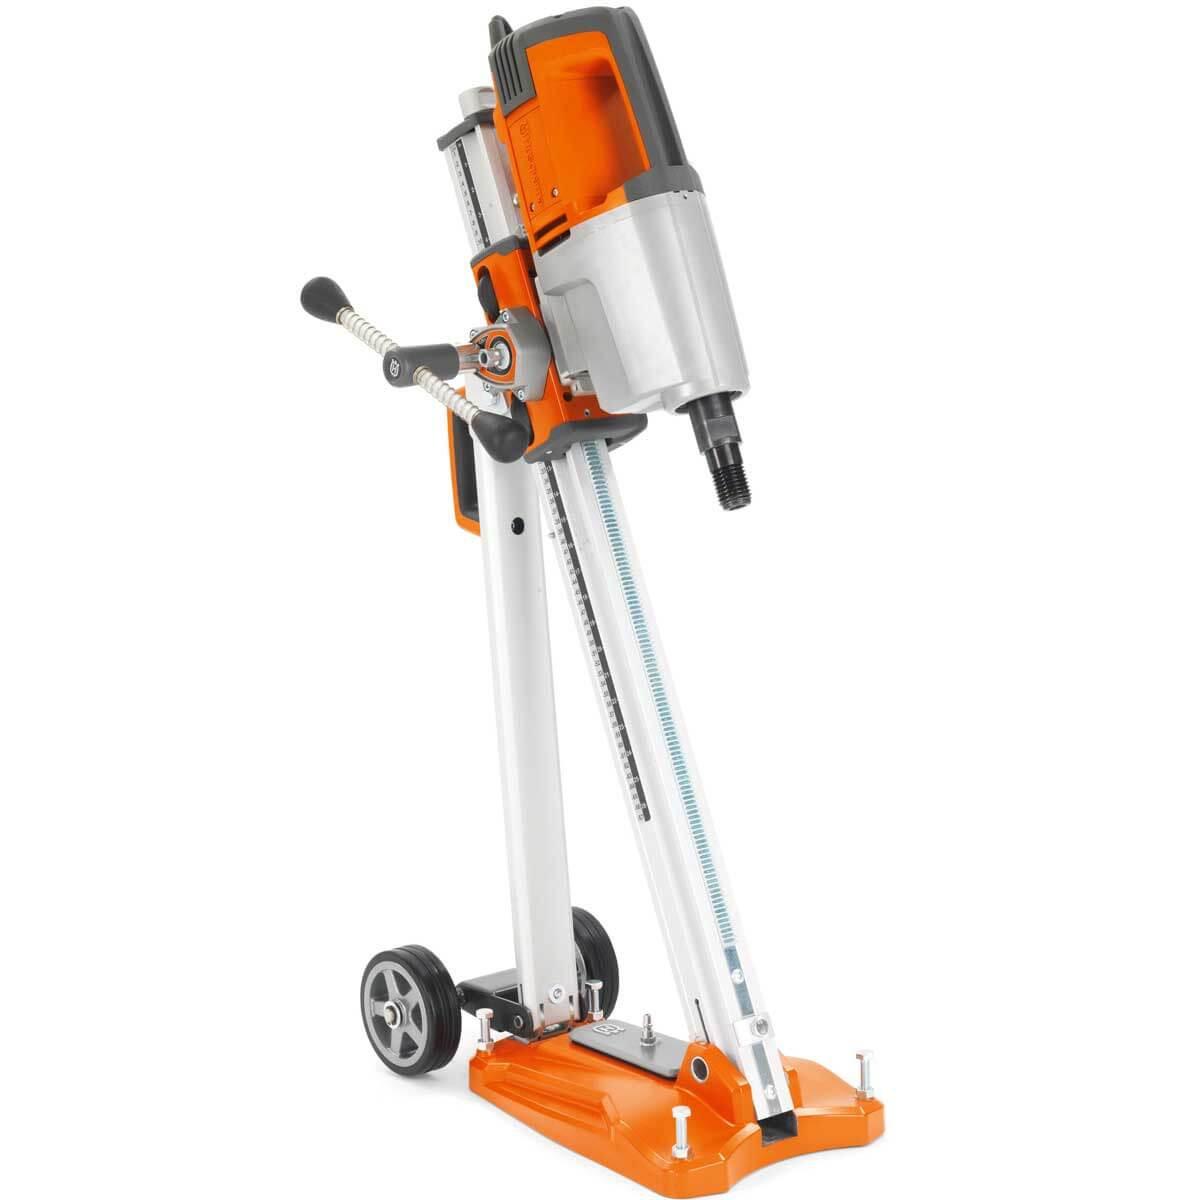 966827302 Husqvarna drill stand